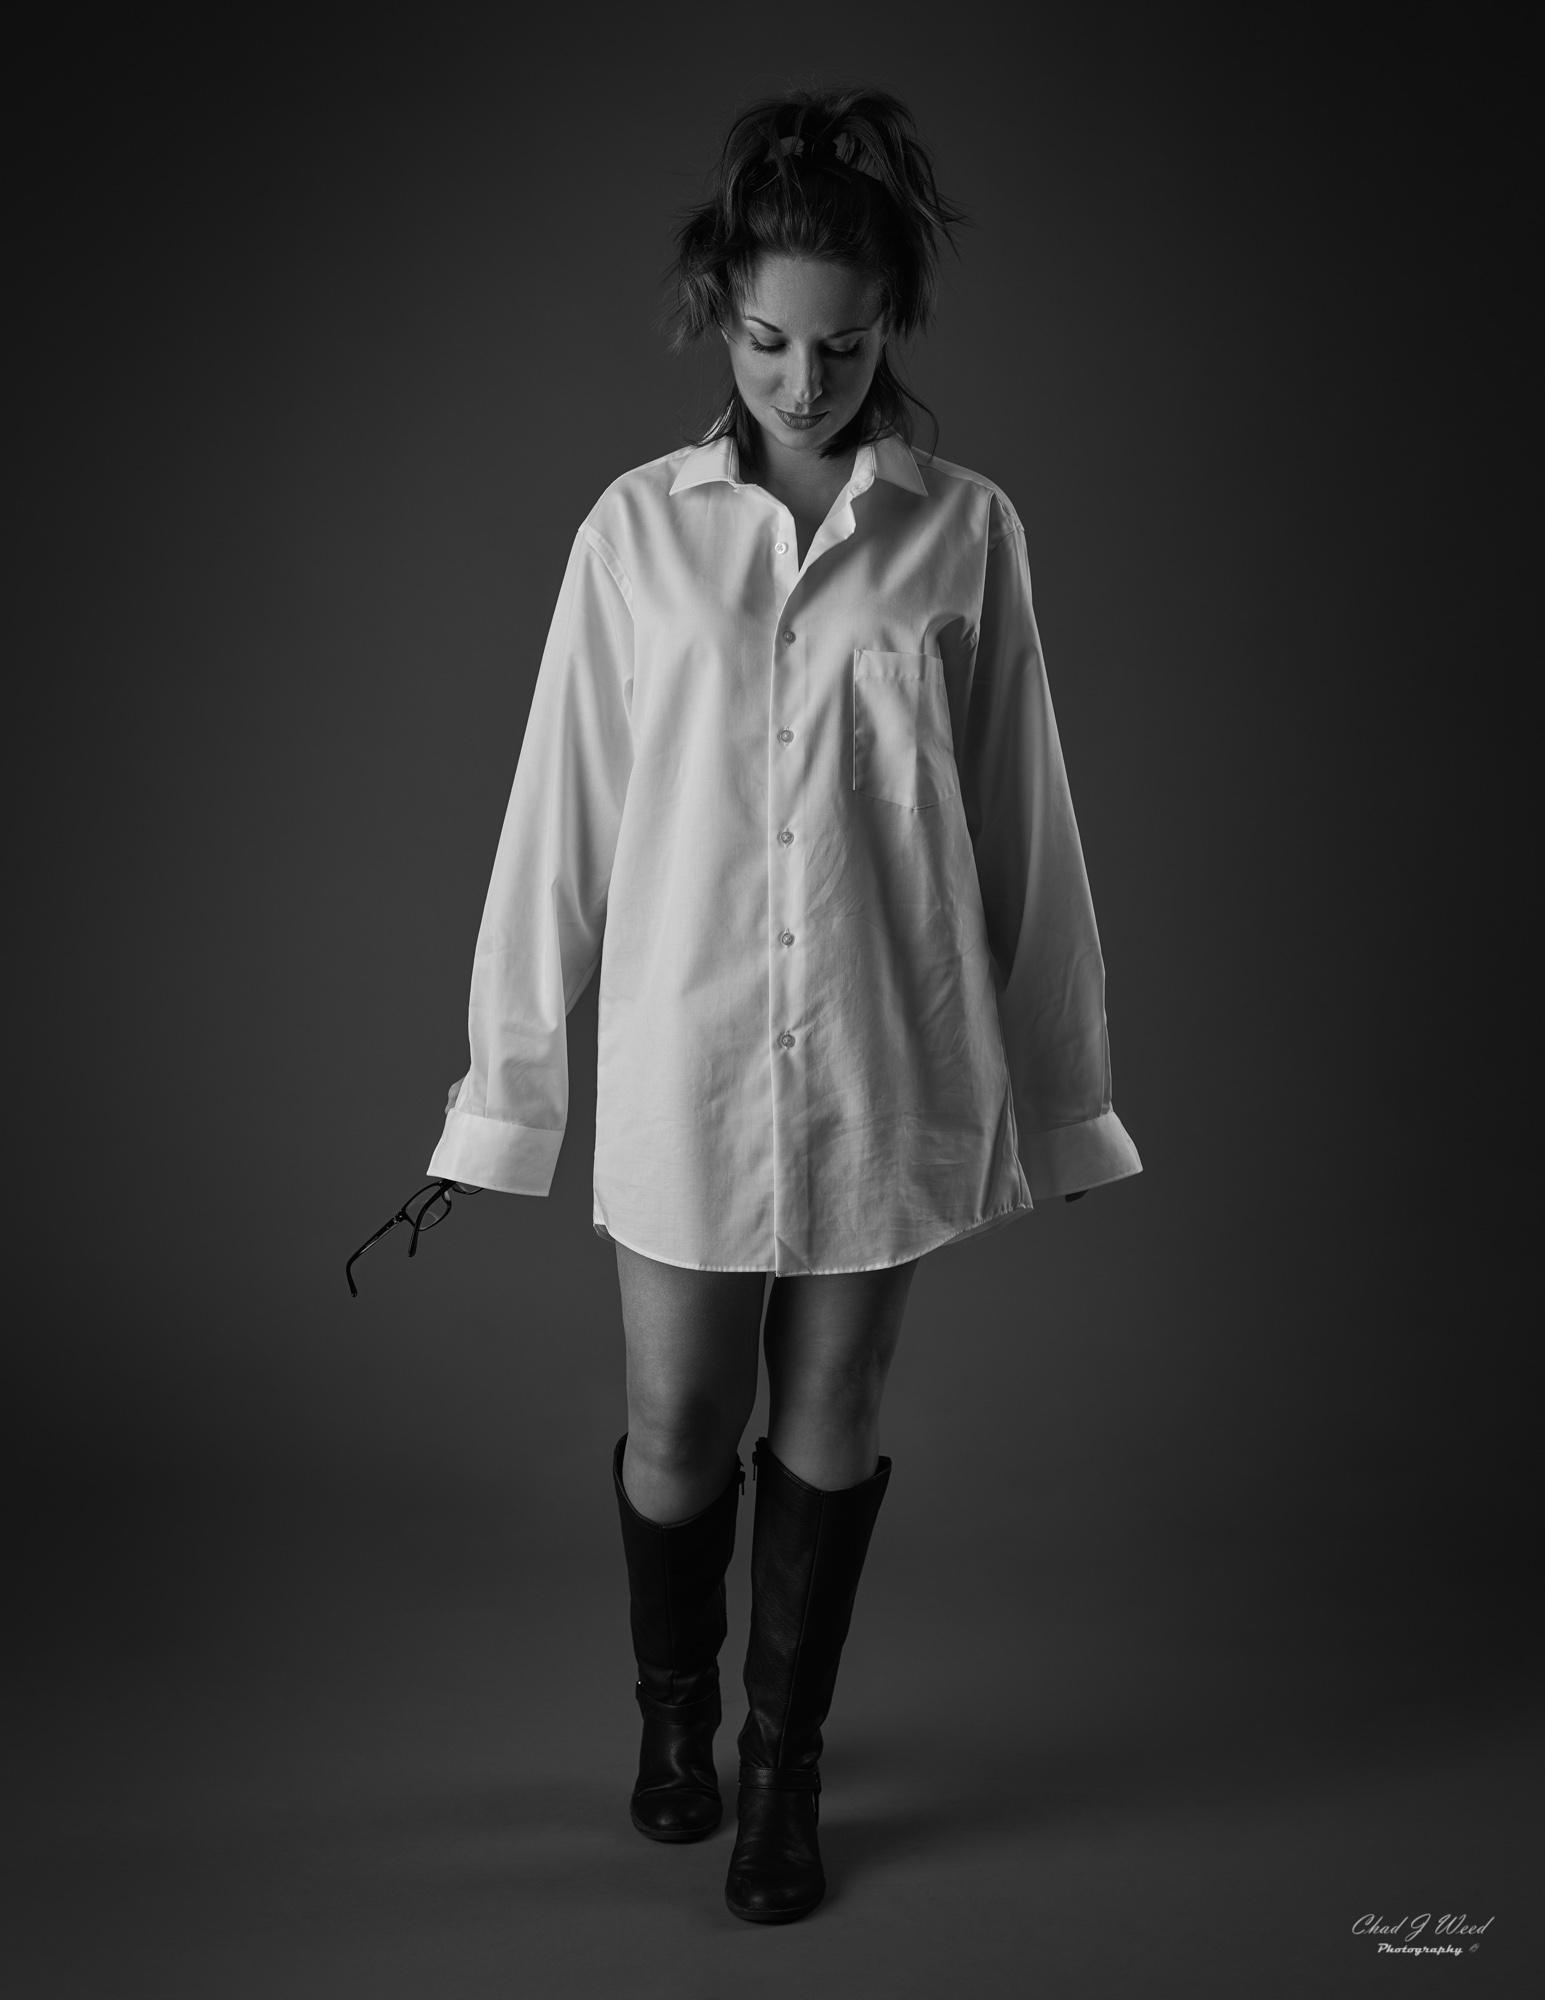 Model and Actress Kika by Mesa Arizona Fashion Portrait Photographer Chad Weed